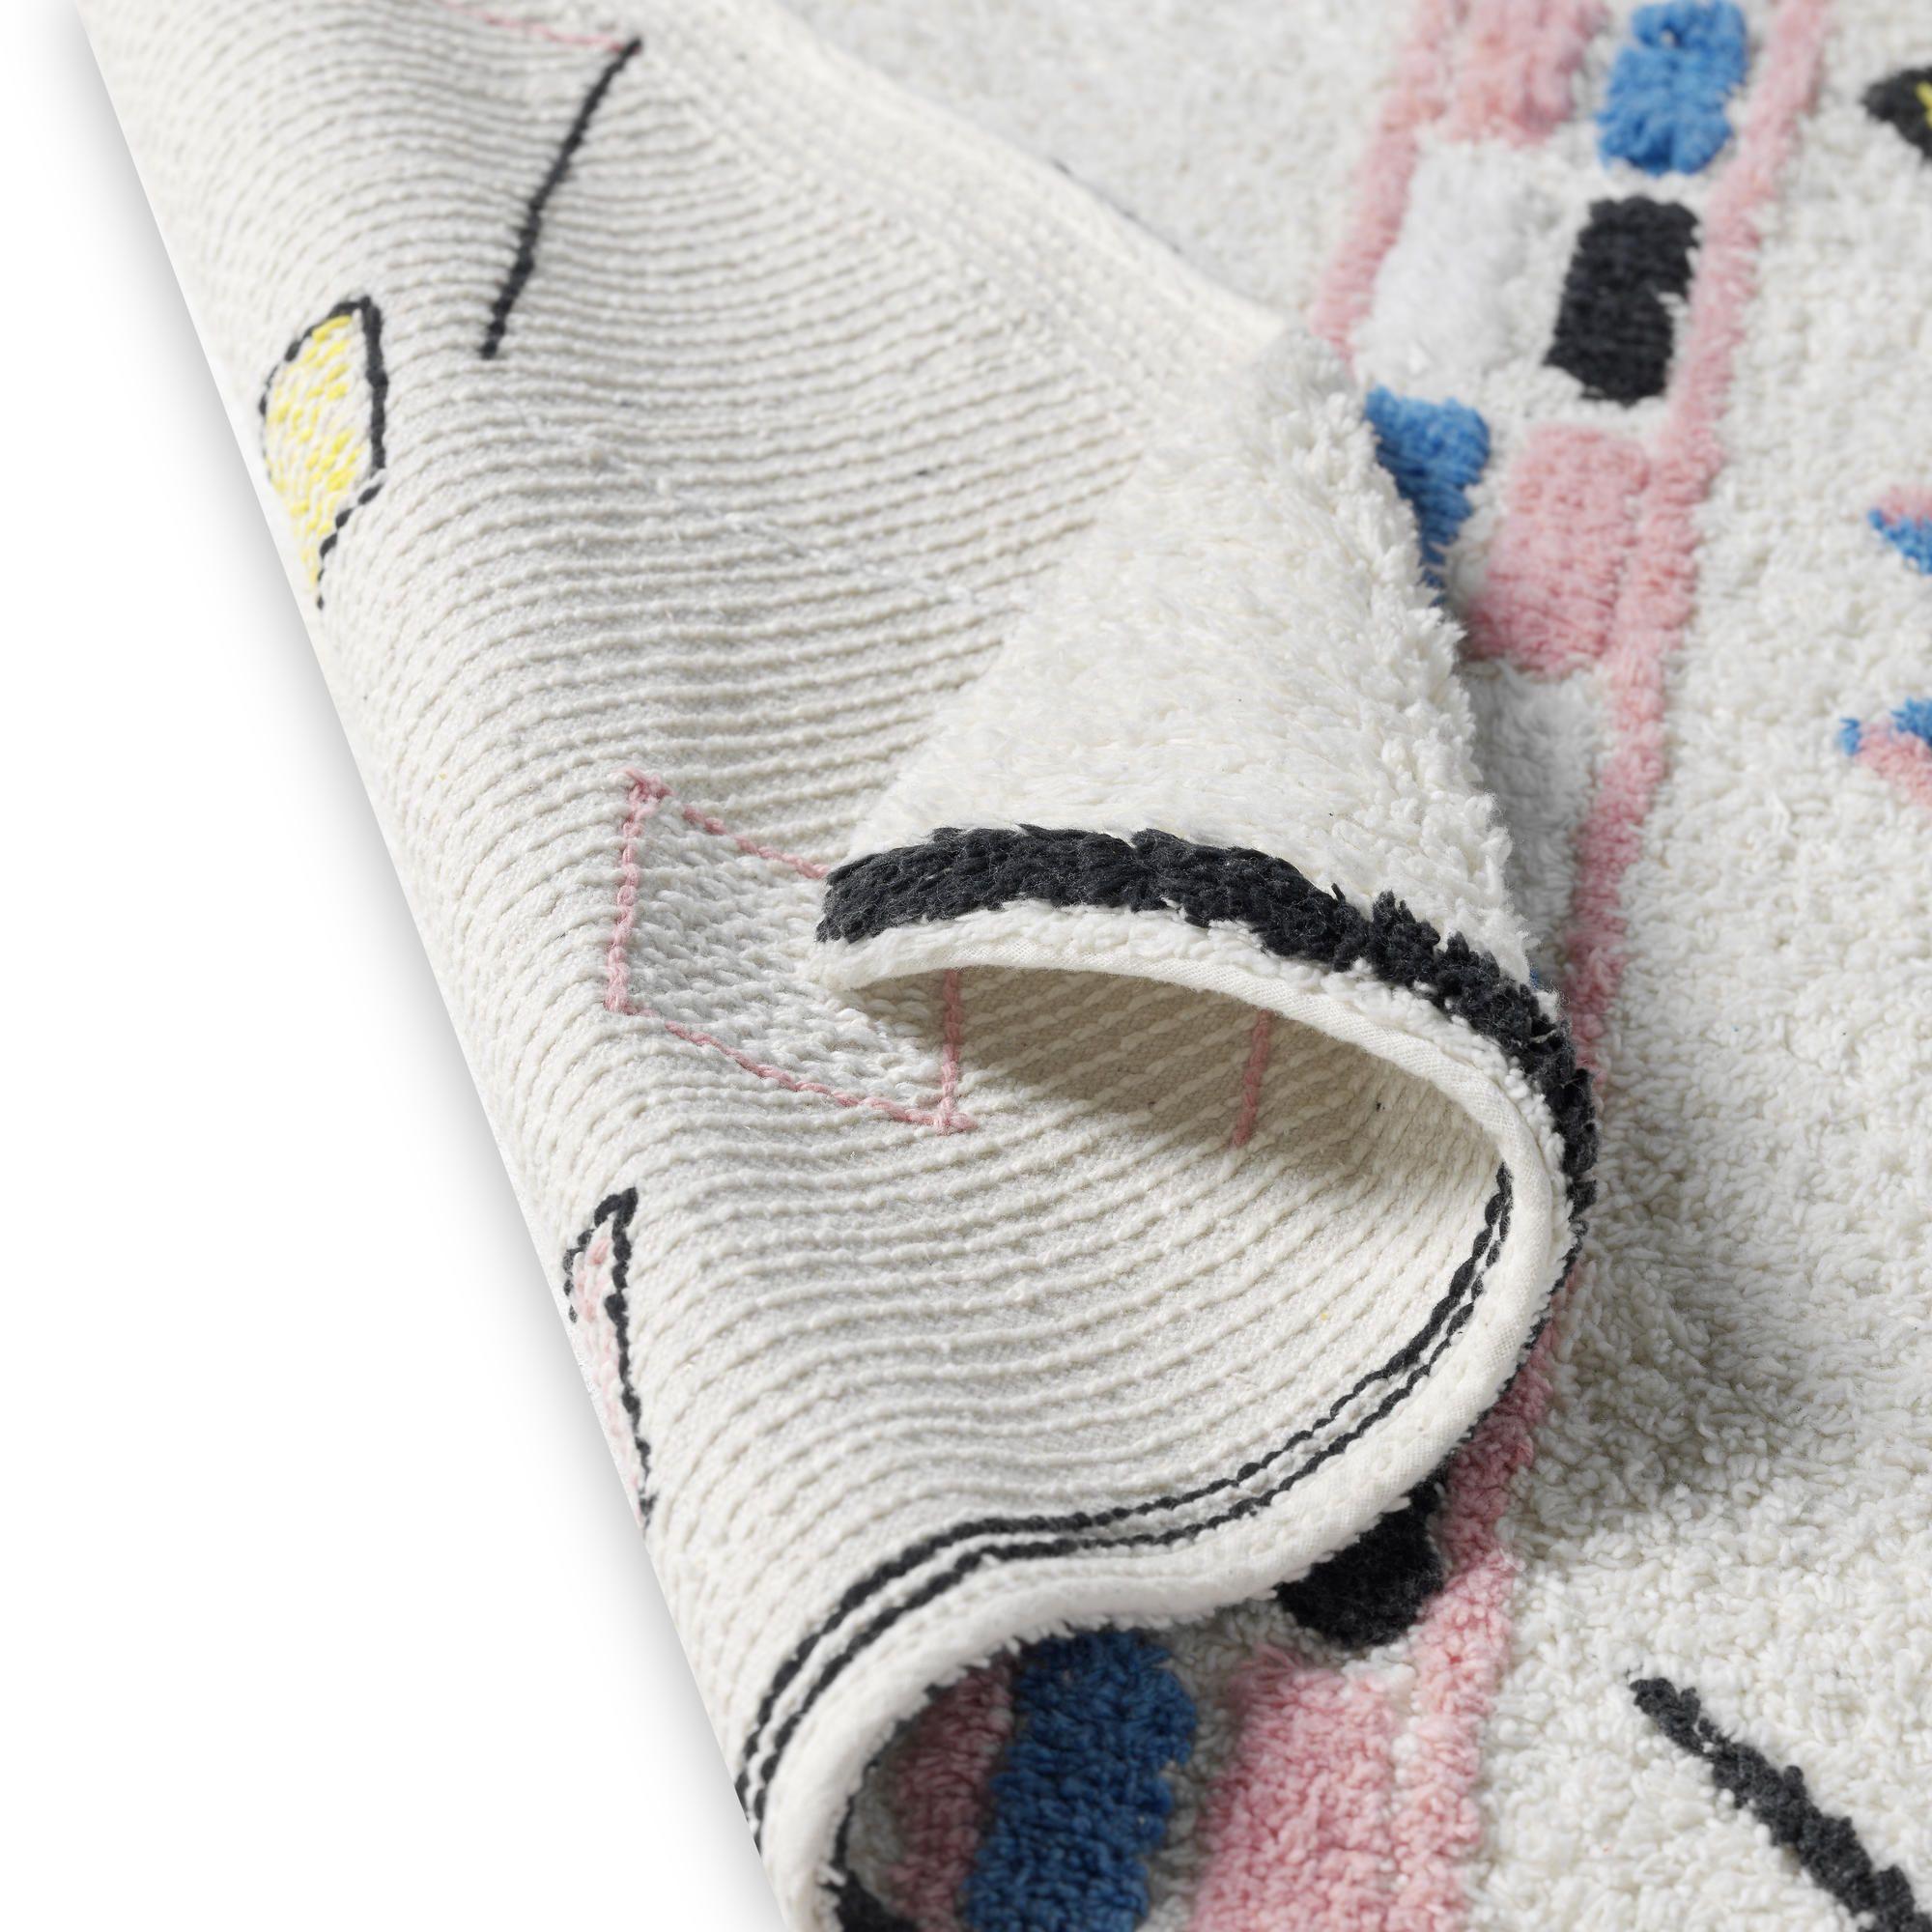 Morocco Rug Colour 103 - 140 x 200 cm   100% Cotton